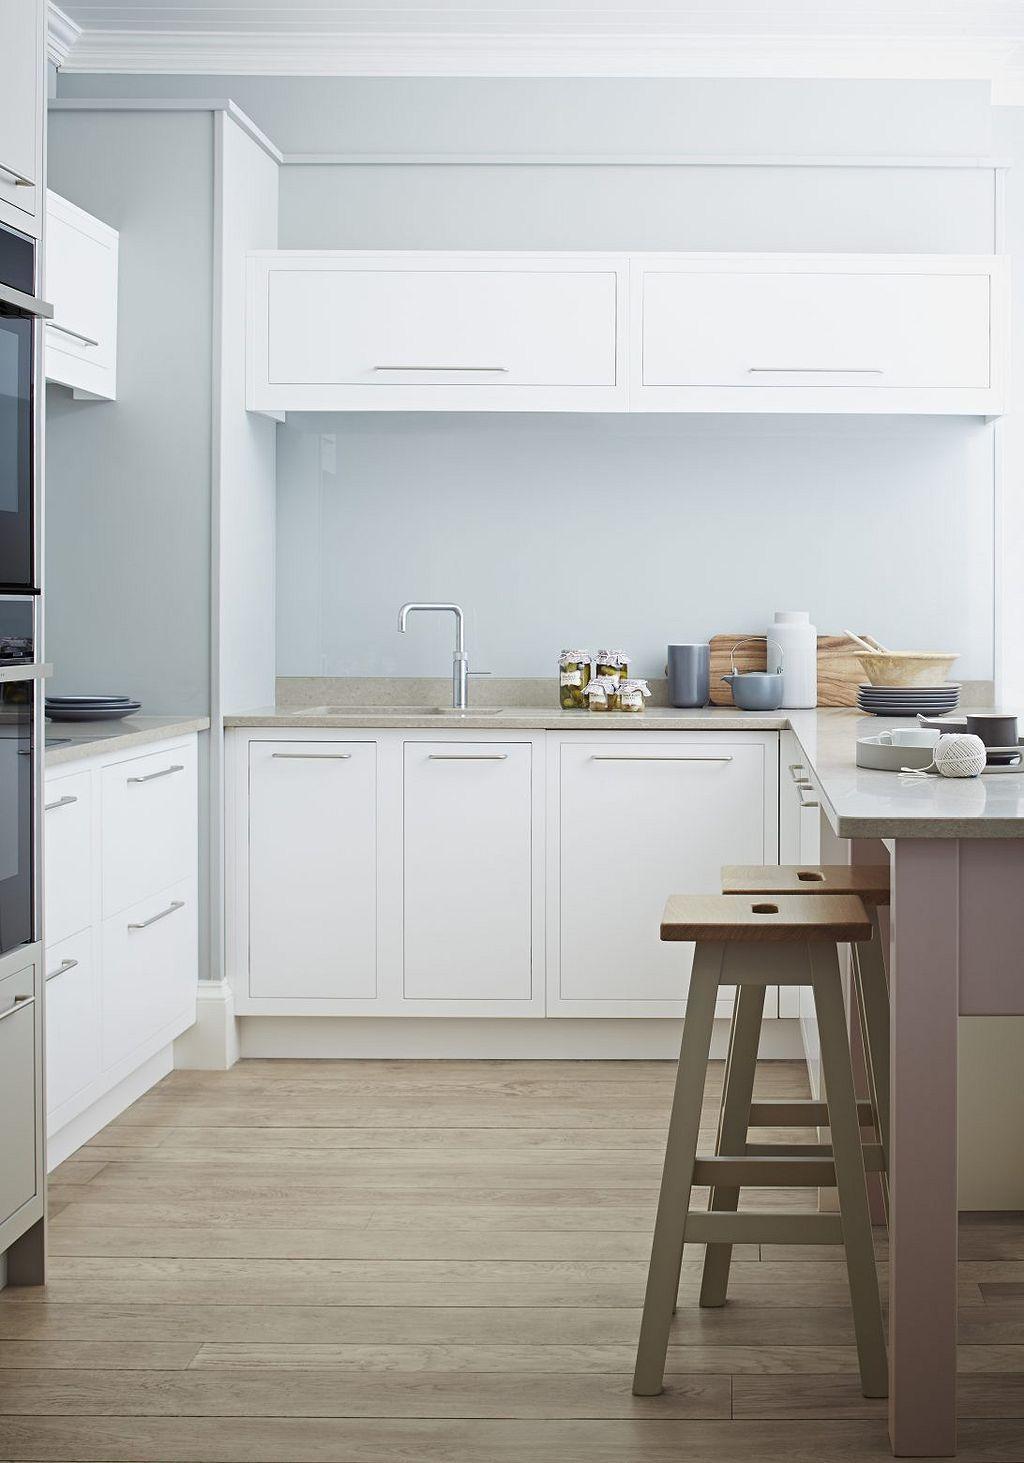 Amazing modern white kitchen cabinets design ideas